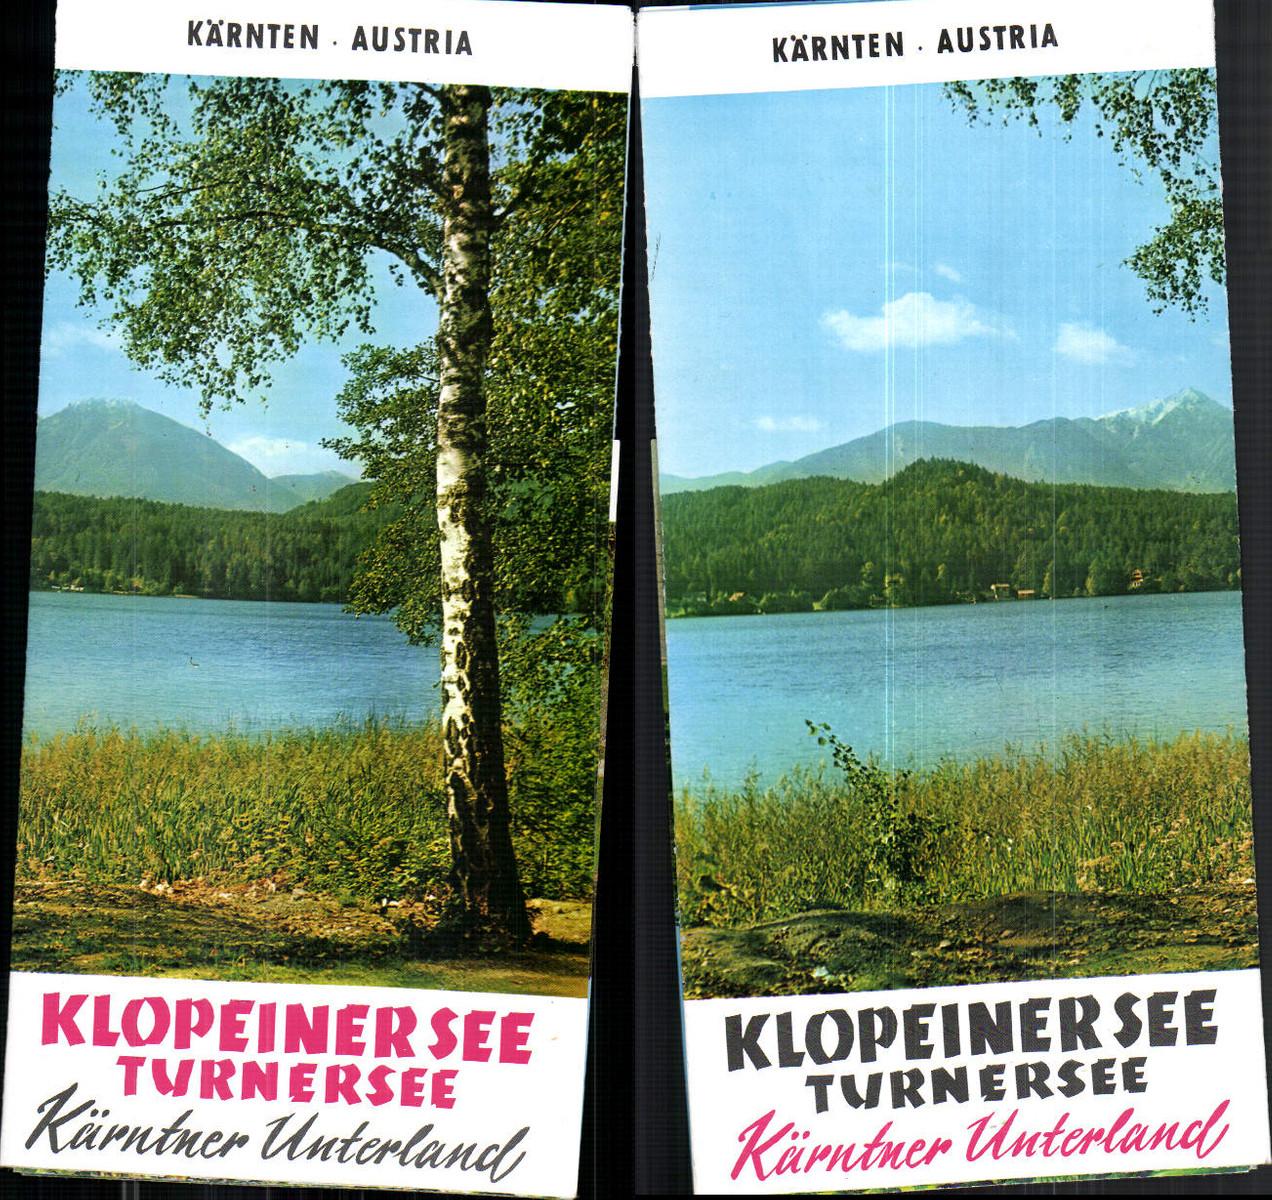 653889,Reklame Prospekt Klopeinersee Turnersee St. Kanzian Grabelsdorf günstig online kaufen